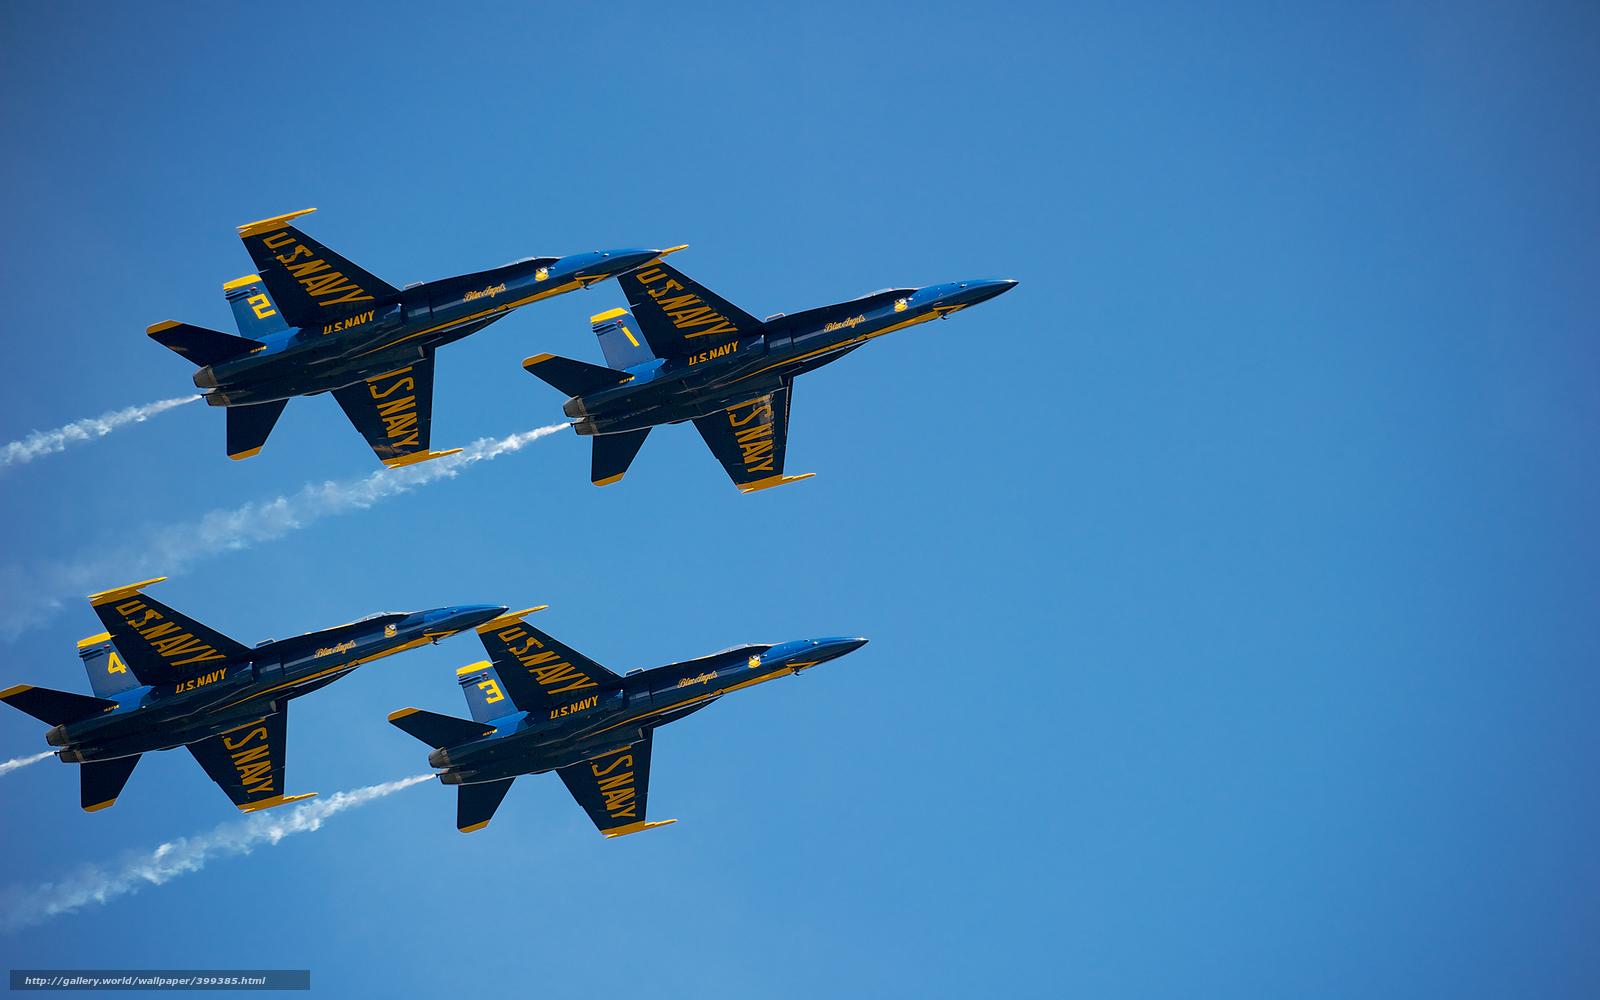 Скачать обои самолёты,  небо,  оружие бесплатно для рабочего стола в разрешении 2560x1600 — картинка №399385